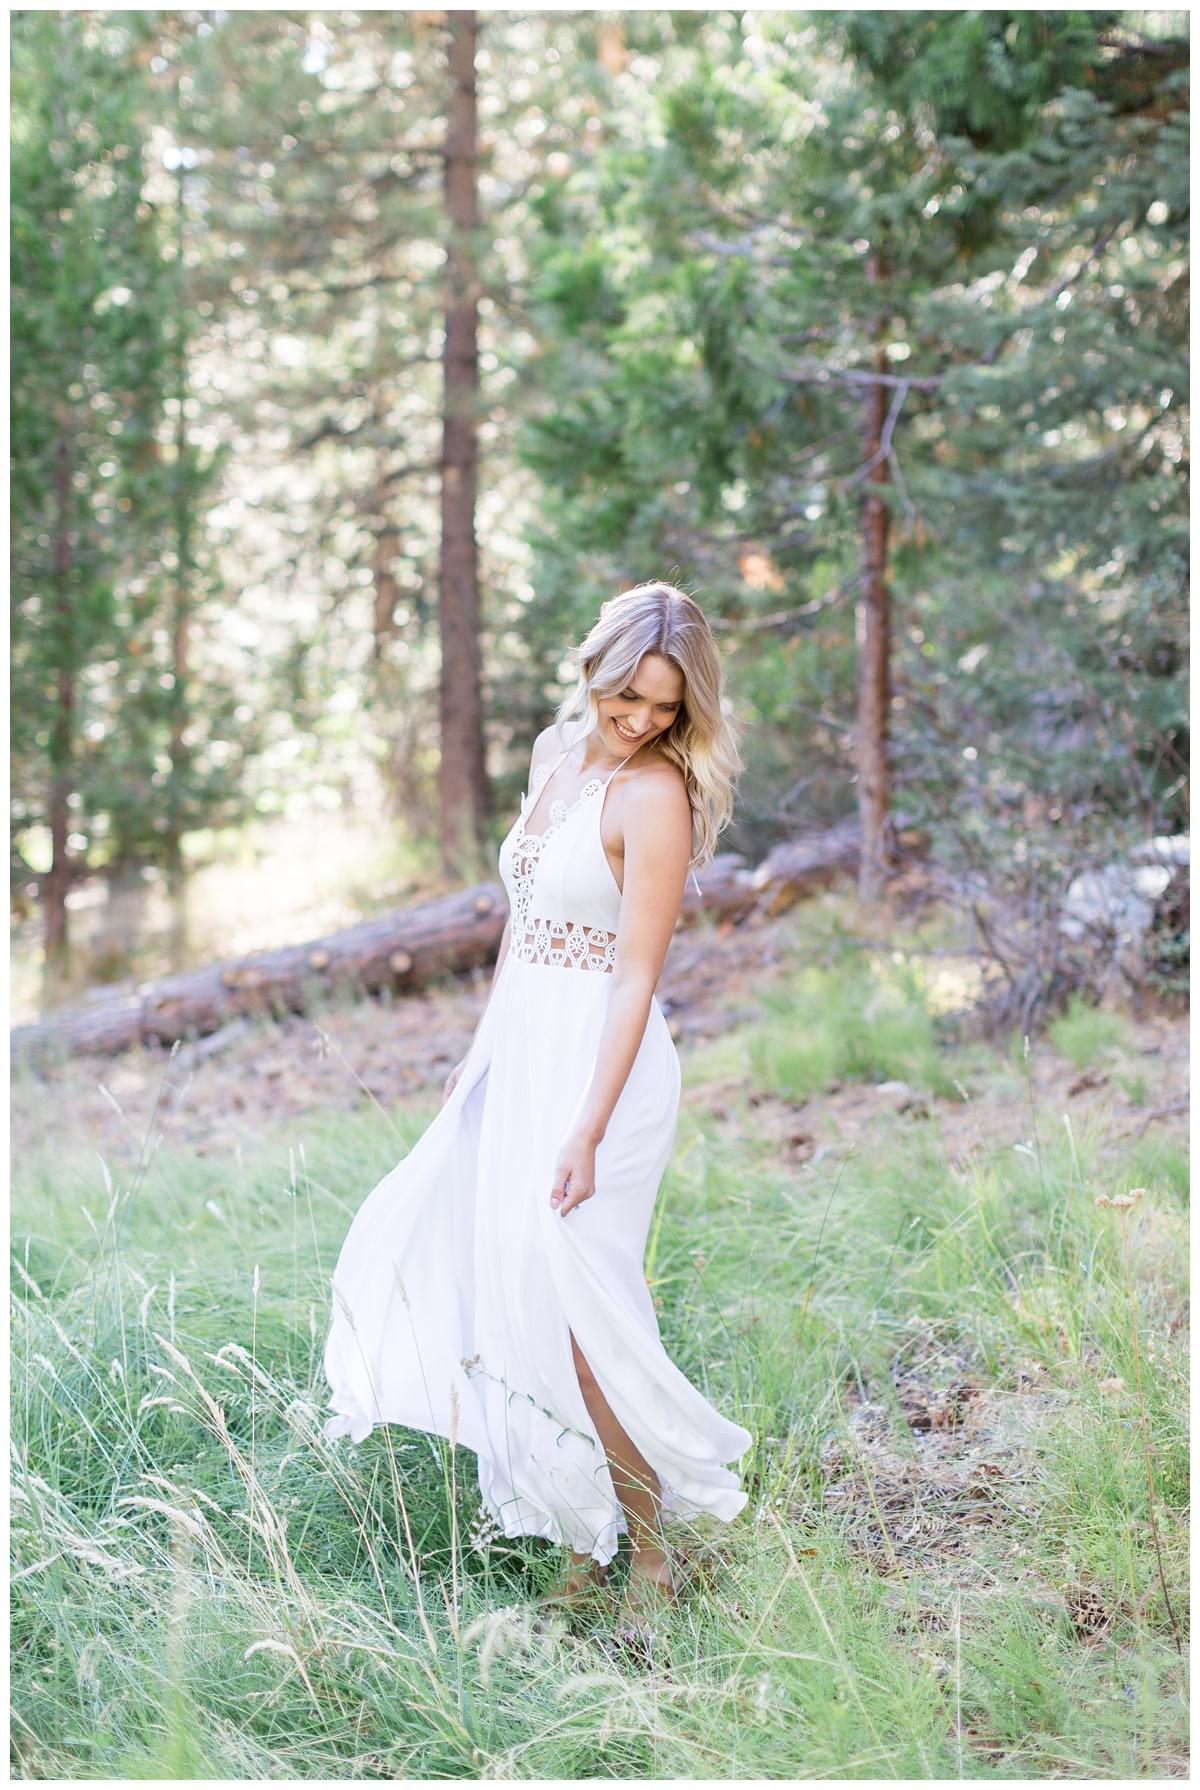 Butte-Meadows-Mountain-Engagement-Photographer_6060.jpg